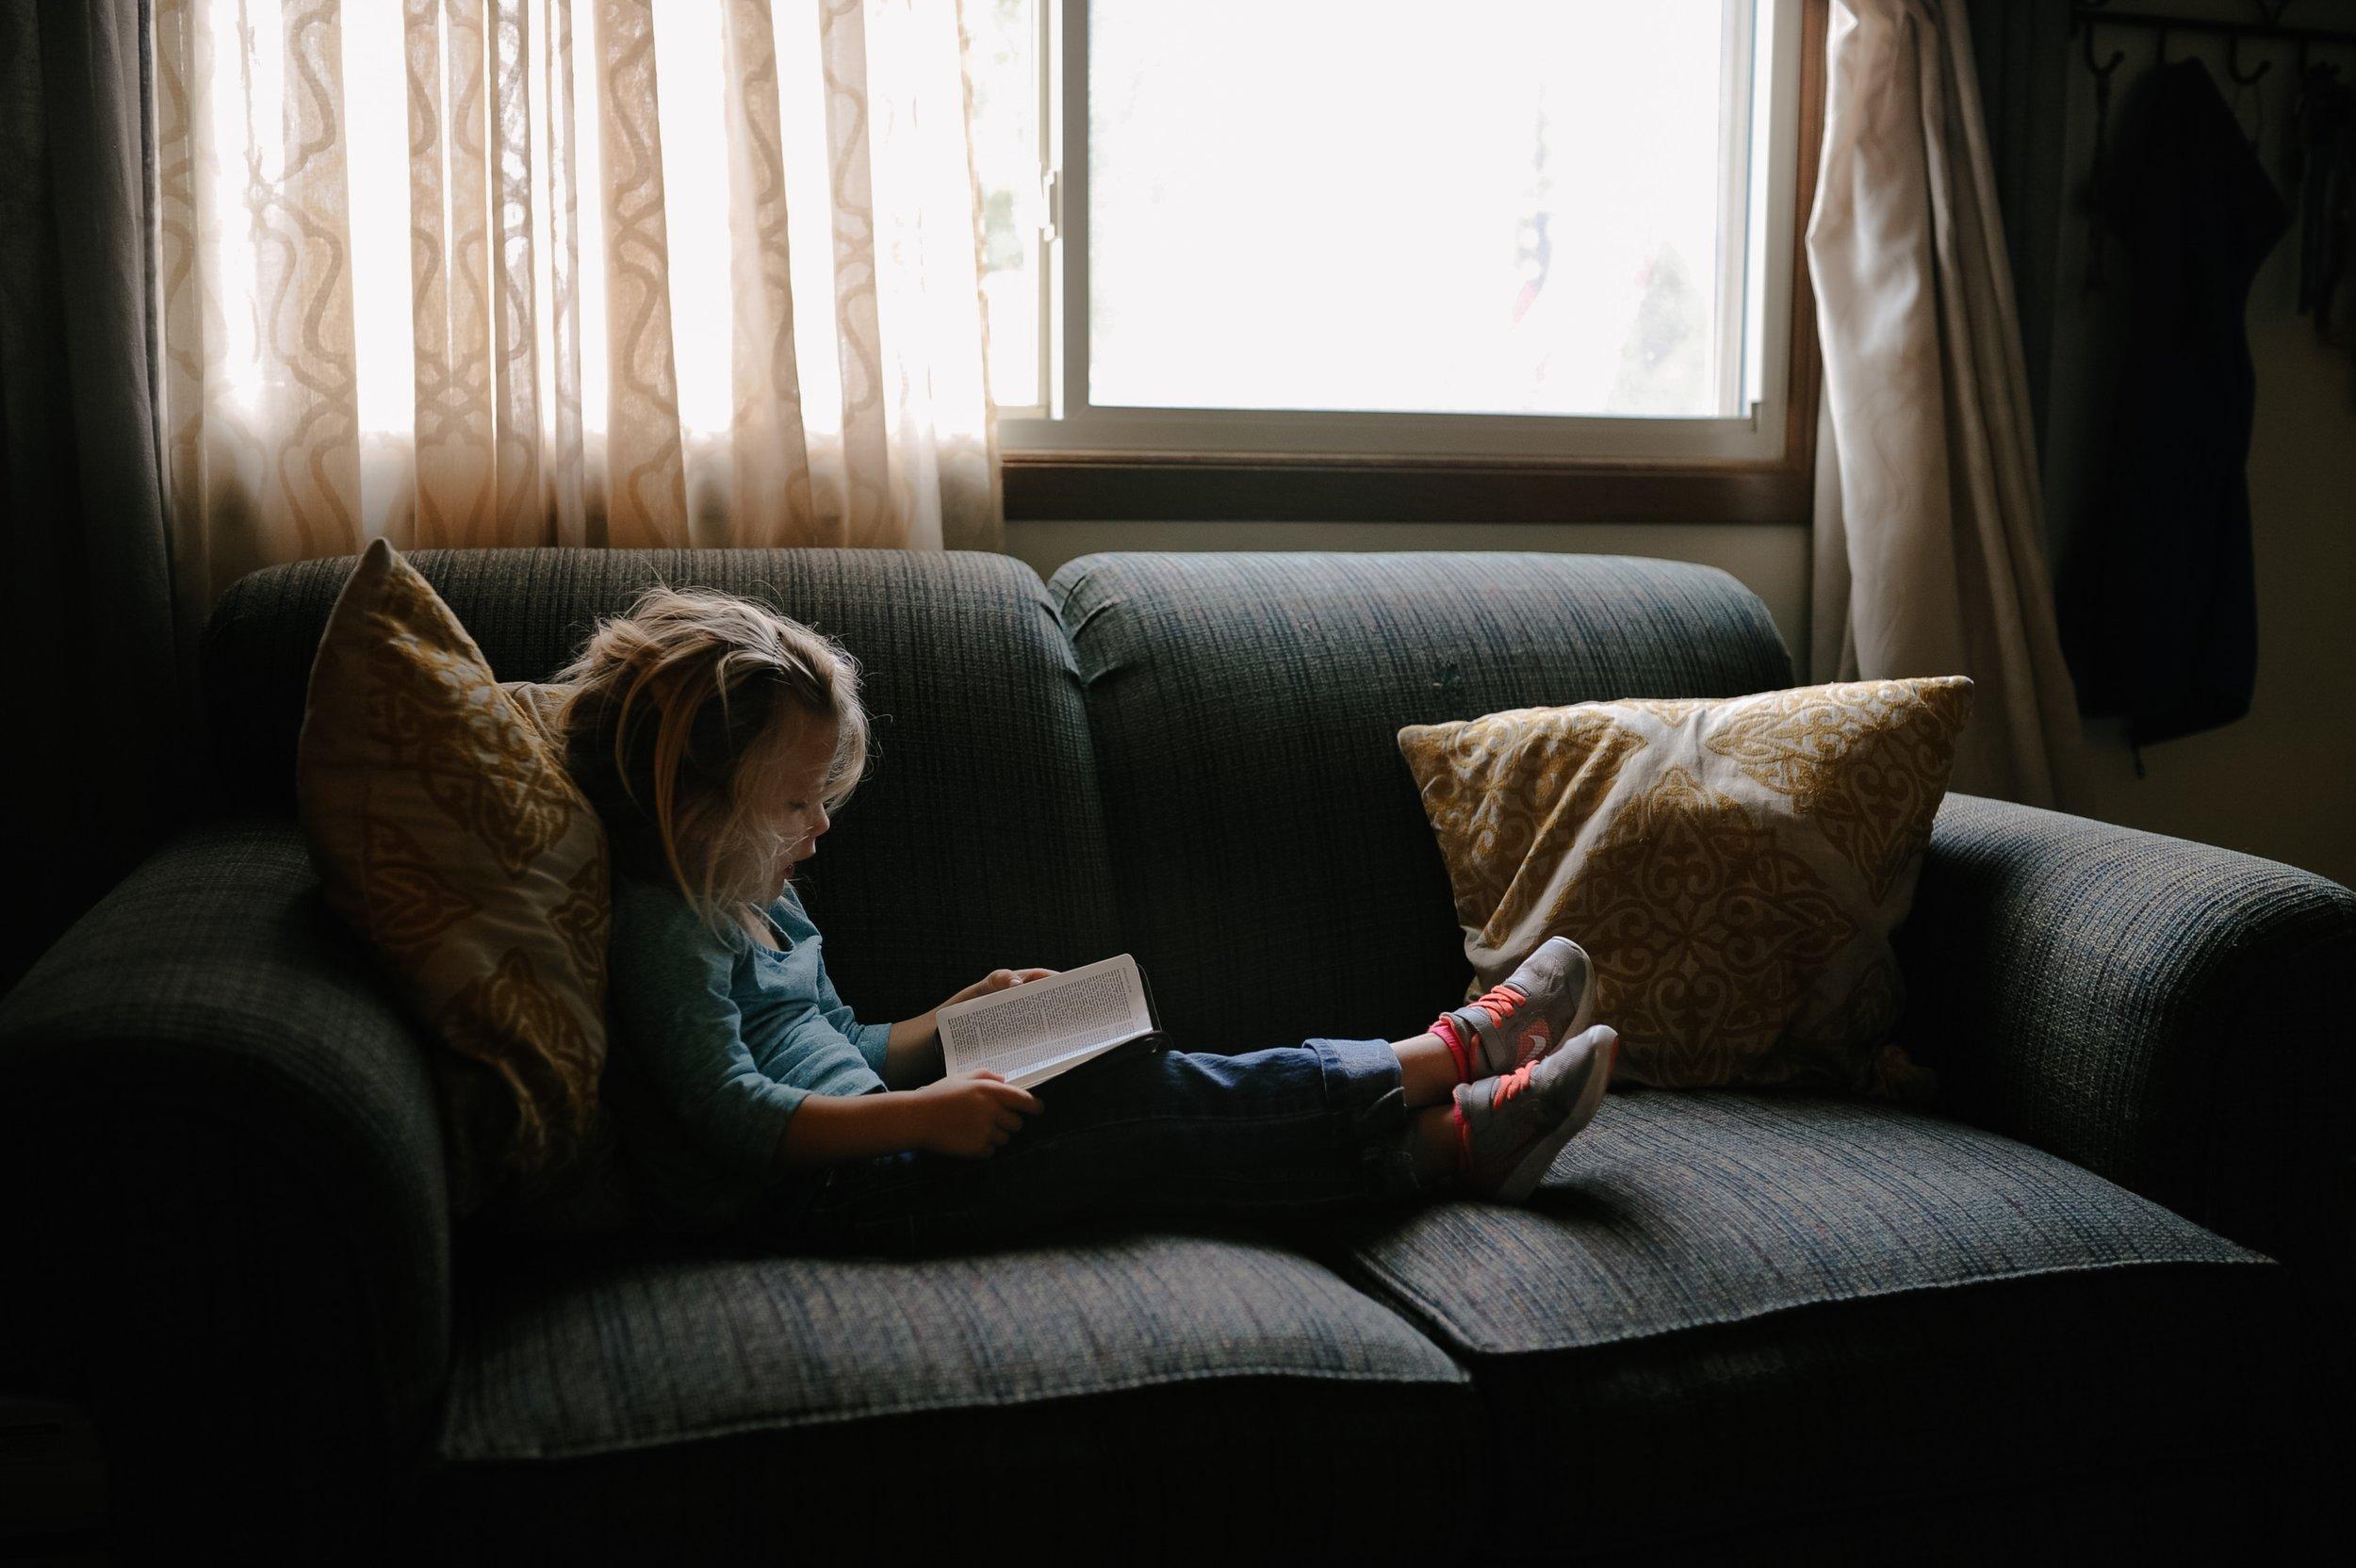 little-girl-reading-on-sofa.jpg